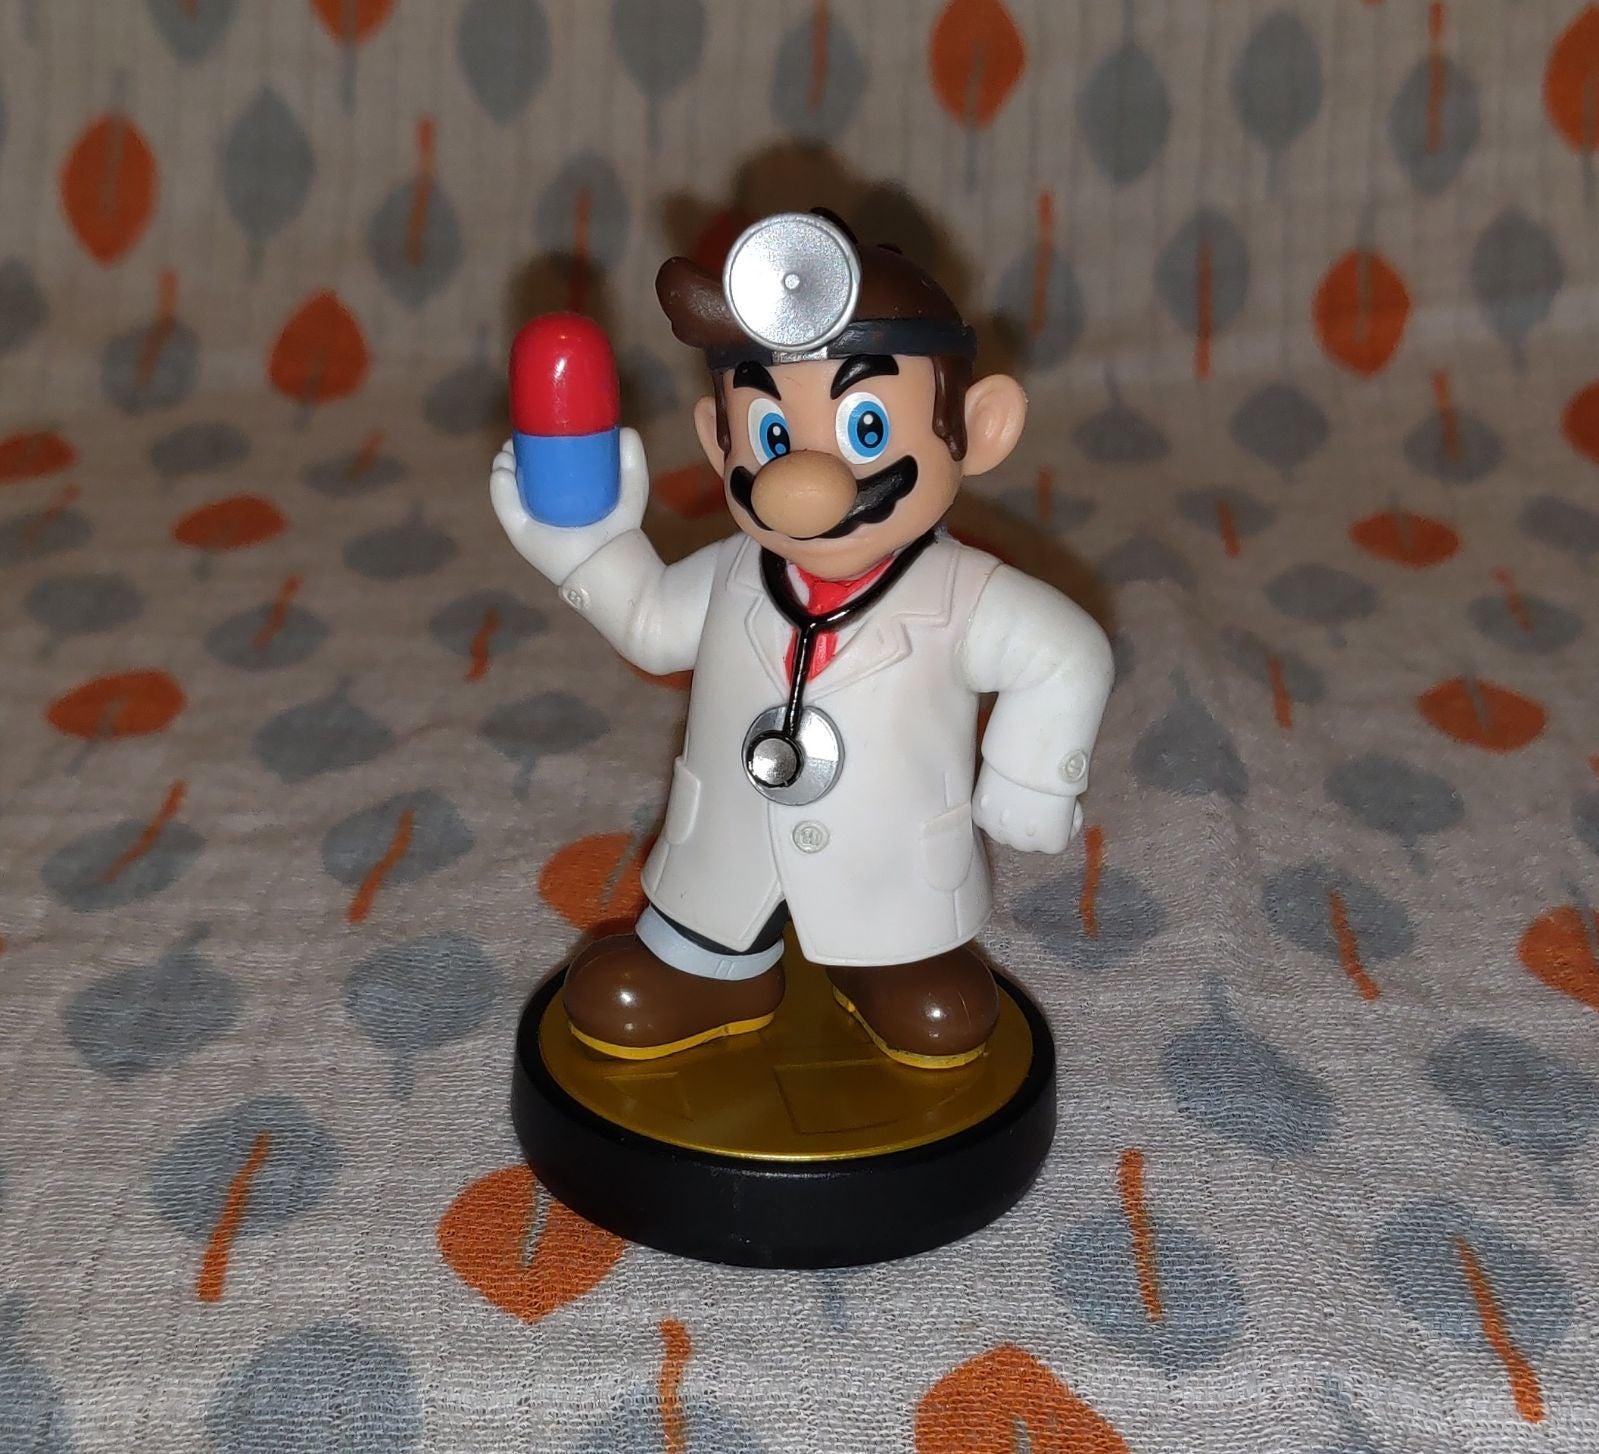 Super Smash Bros. Dr Mario Amiibo